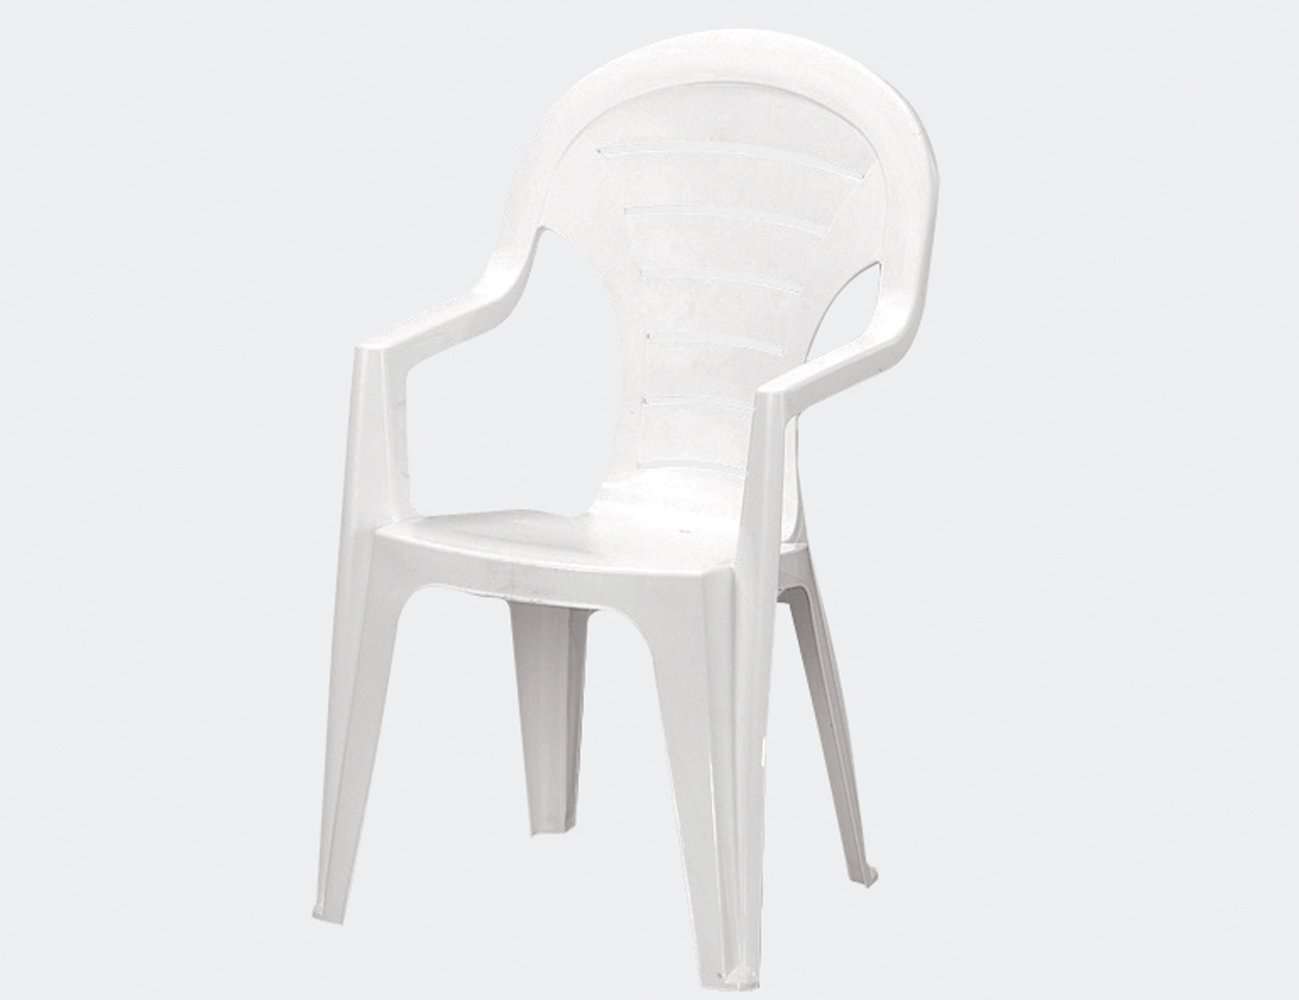 Jardin 142668 Stapelsessel Bonaire, Vollkunststoff 55.5 x 57 x 92 cm, weiß jetzt kaufen